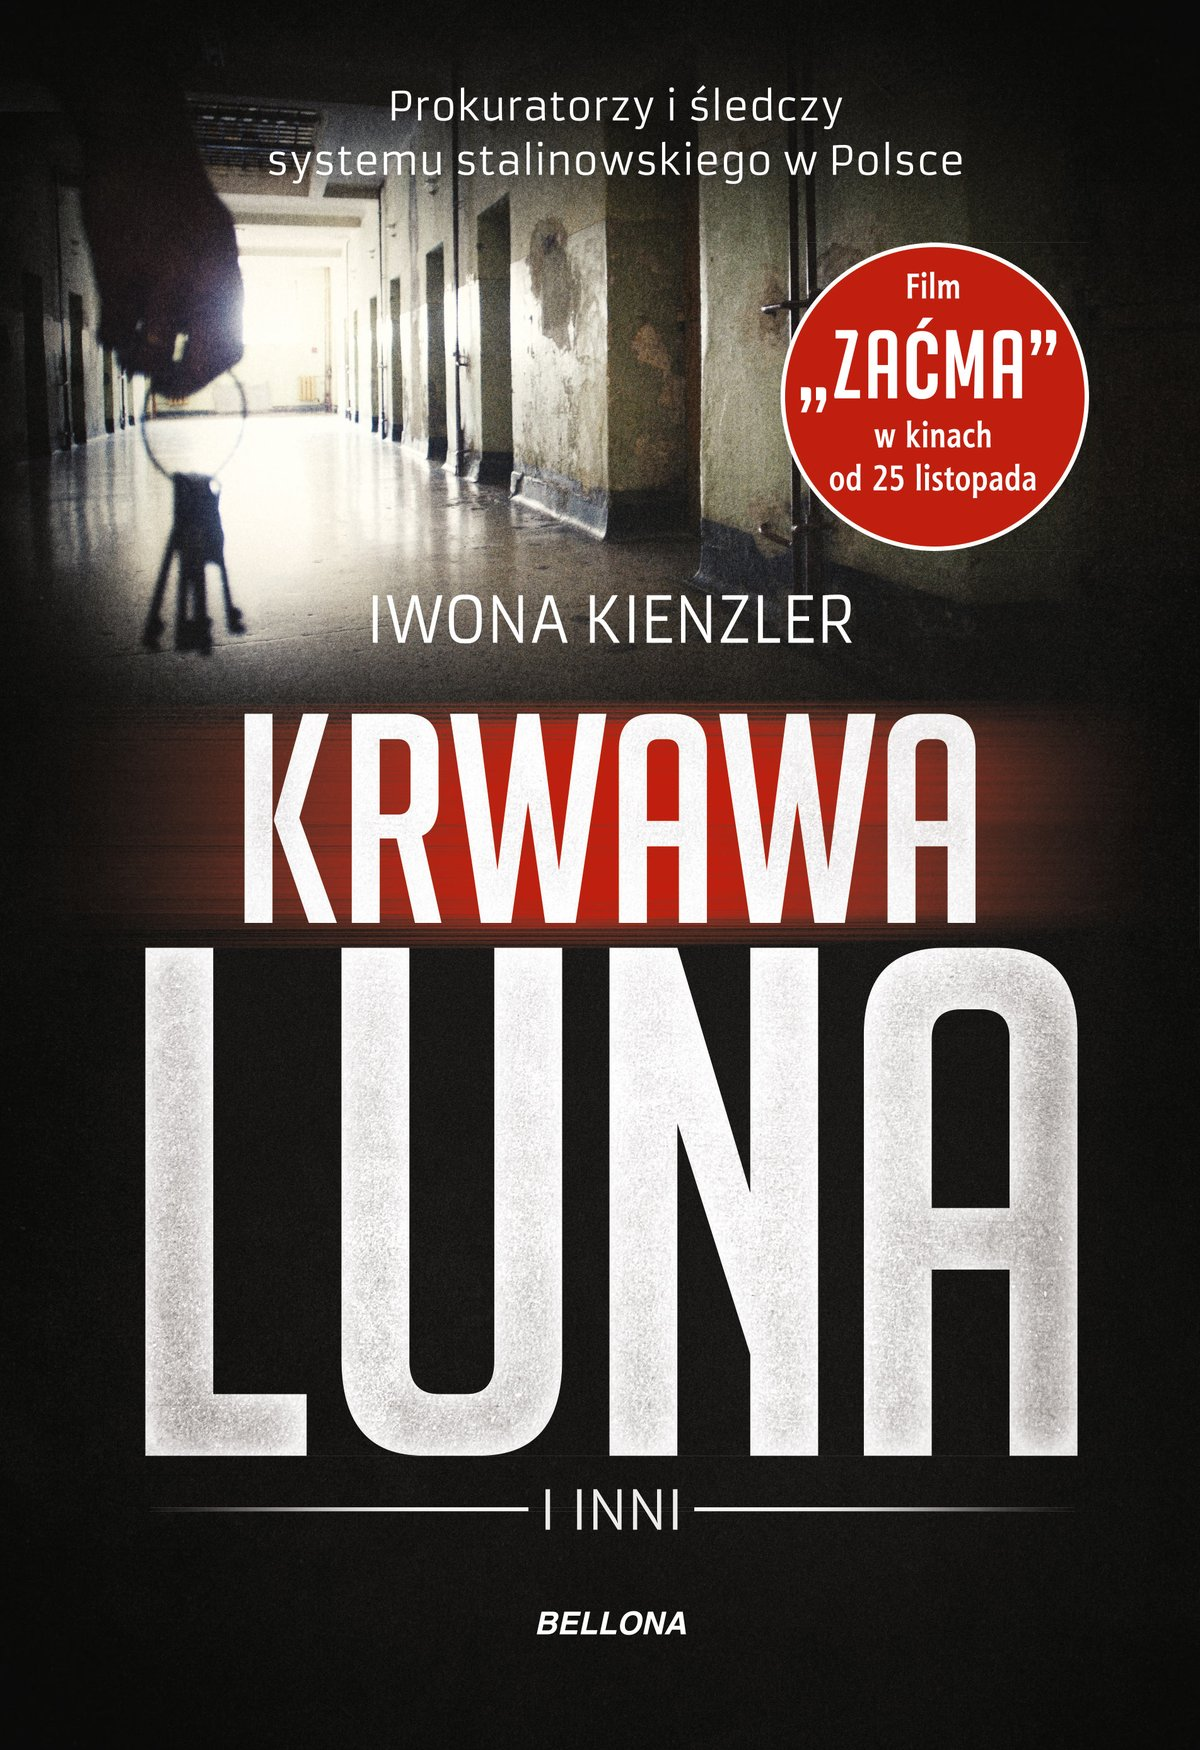 Krwawa Luna i inni. Prokuratorzy i śledczy systemu stalinowskiego w Polsce - Ebook (Książka na Kindle) do pobrania w formacie MOBI